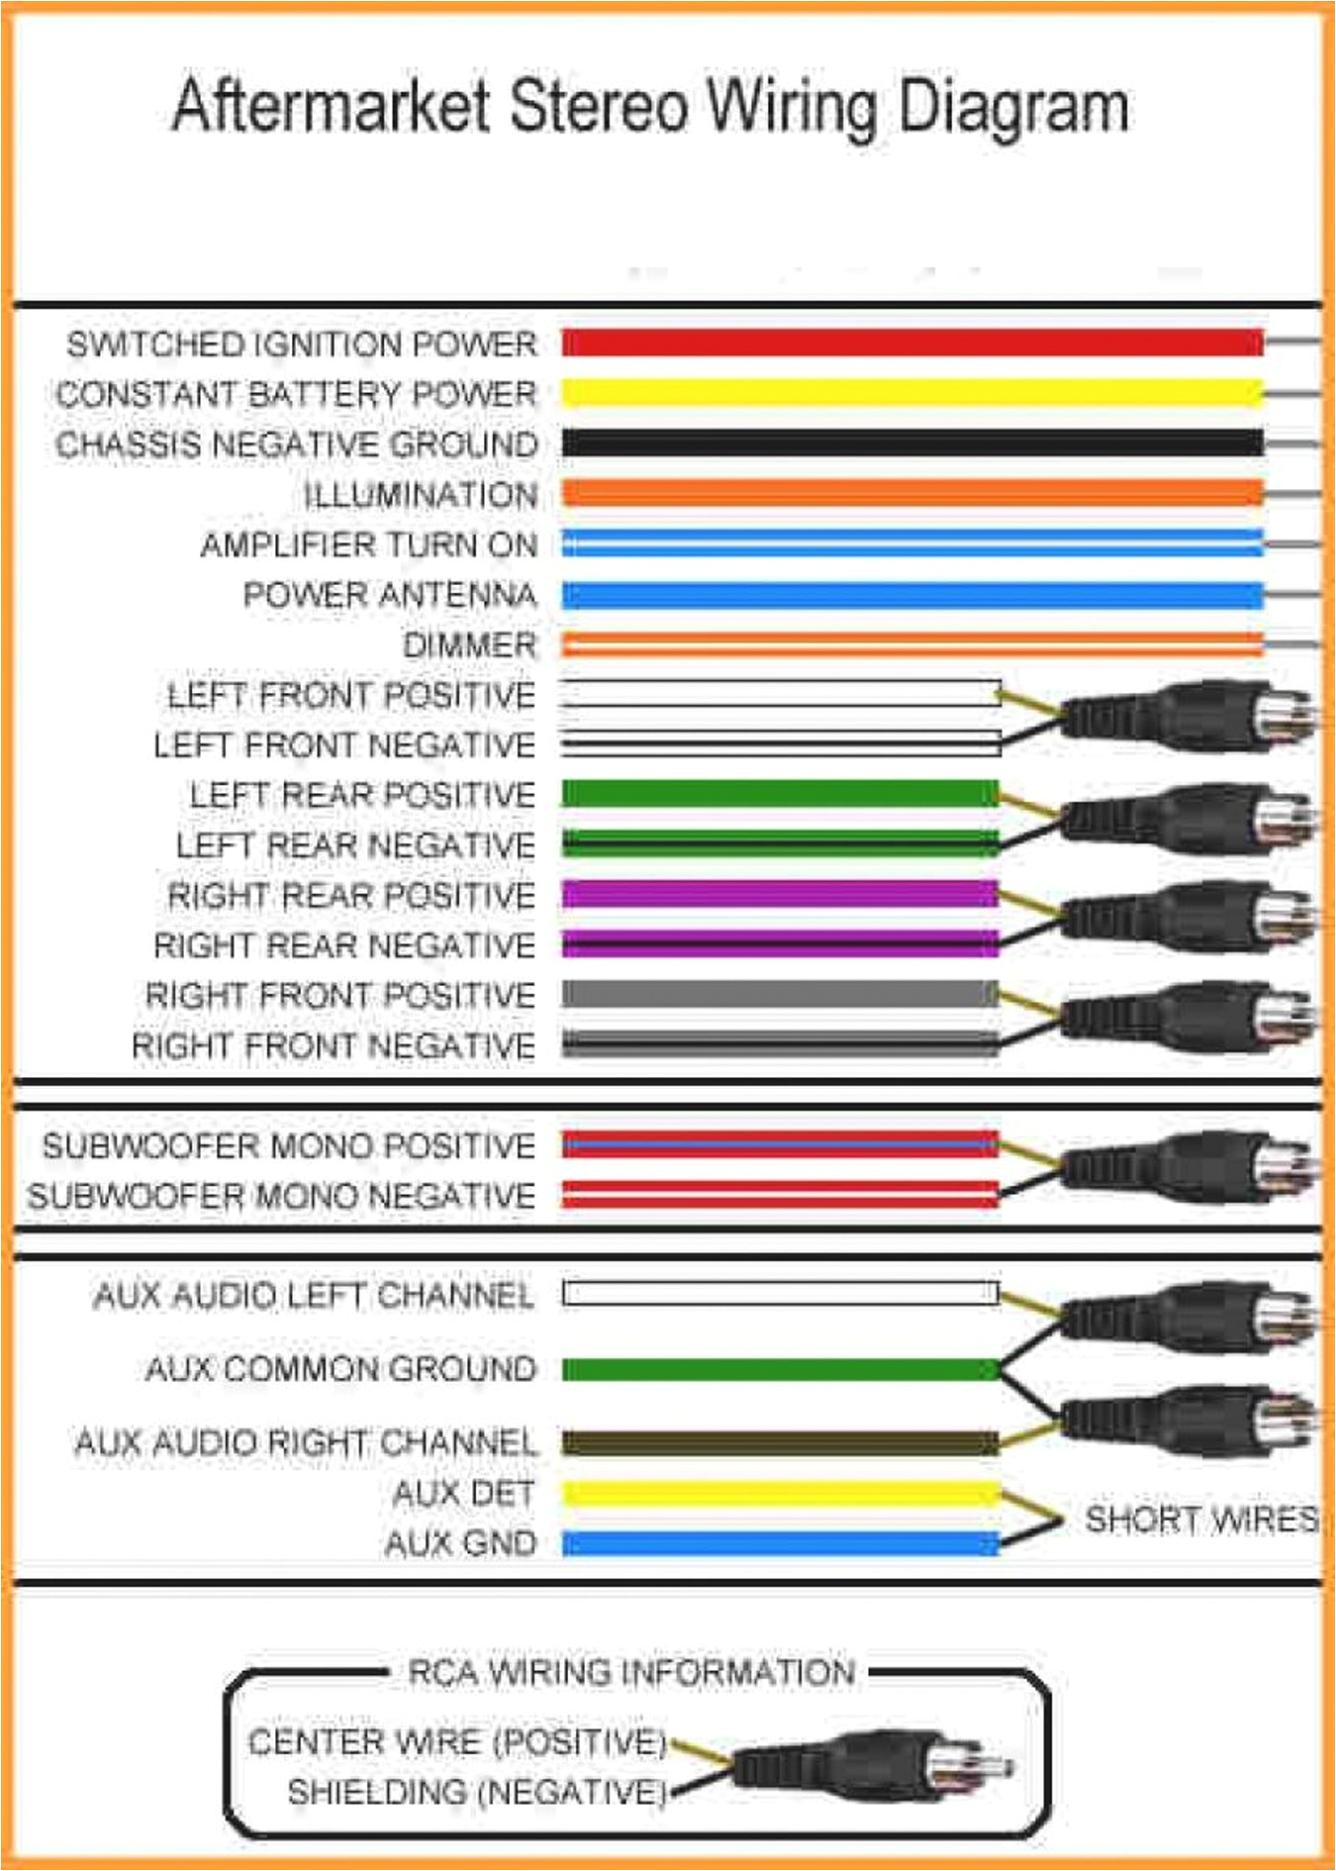 kenwood excelon wiring schematics wiring diagram img kenwood excelon ddx7015 wiring diagram